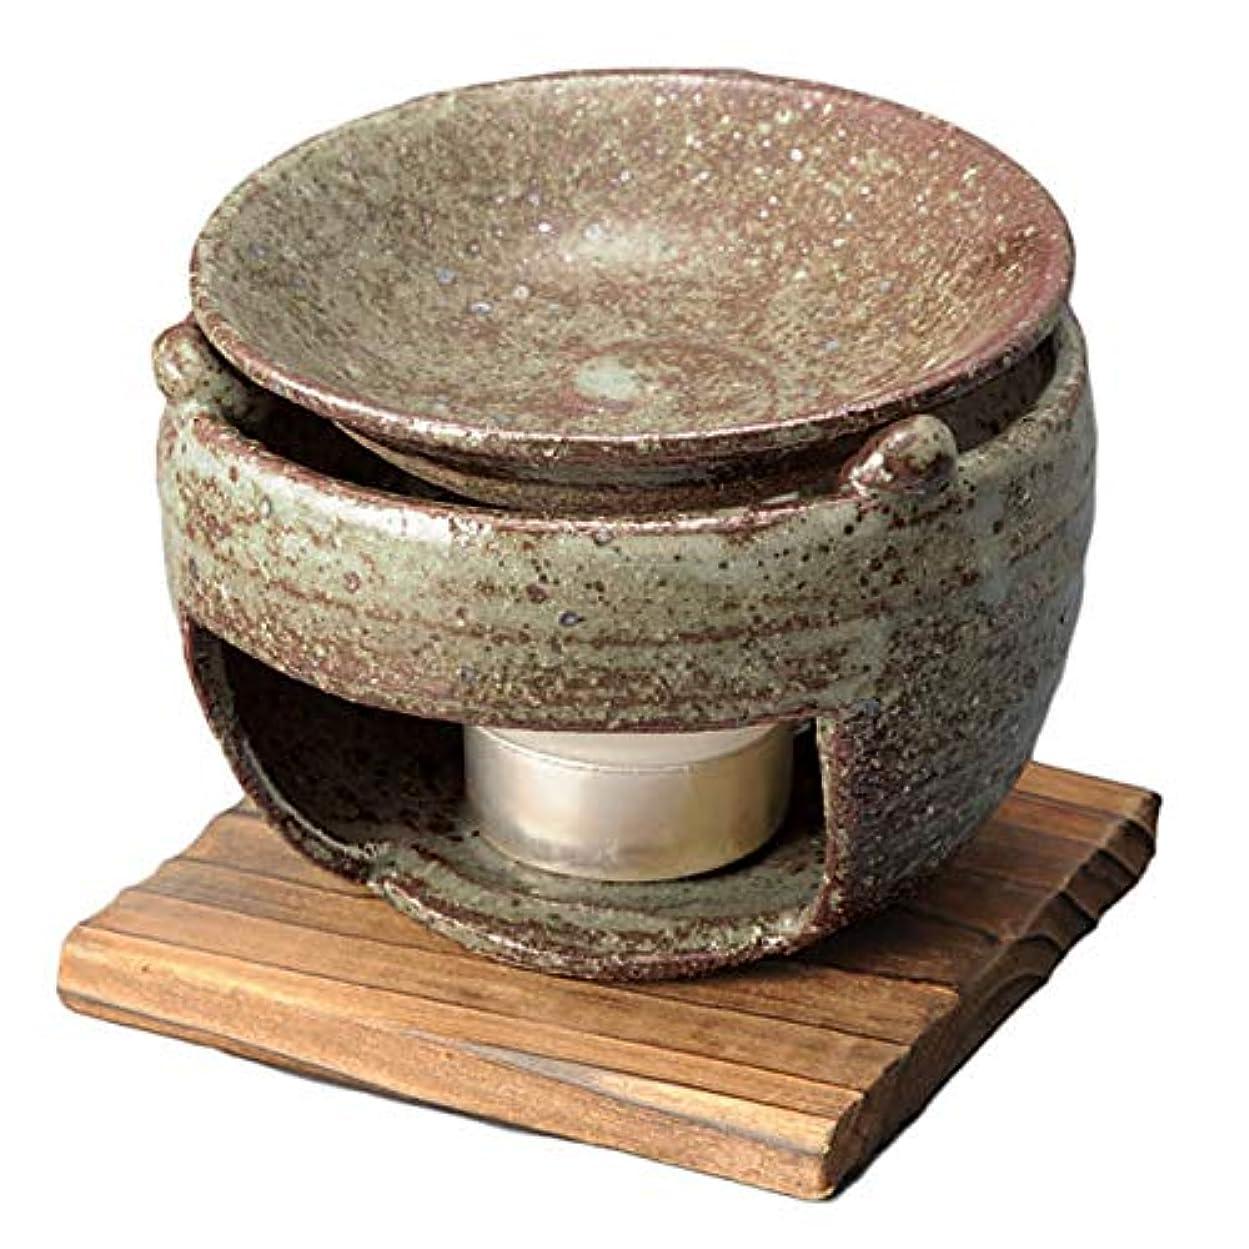 矛盾アンタゴニスト考古学手造り 茶香炉/茶香炉(土灰釉) /アロマ 癒やし リラックス インテリア 間接照明